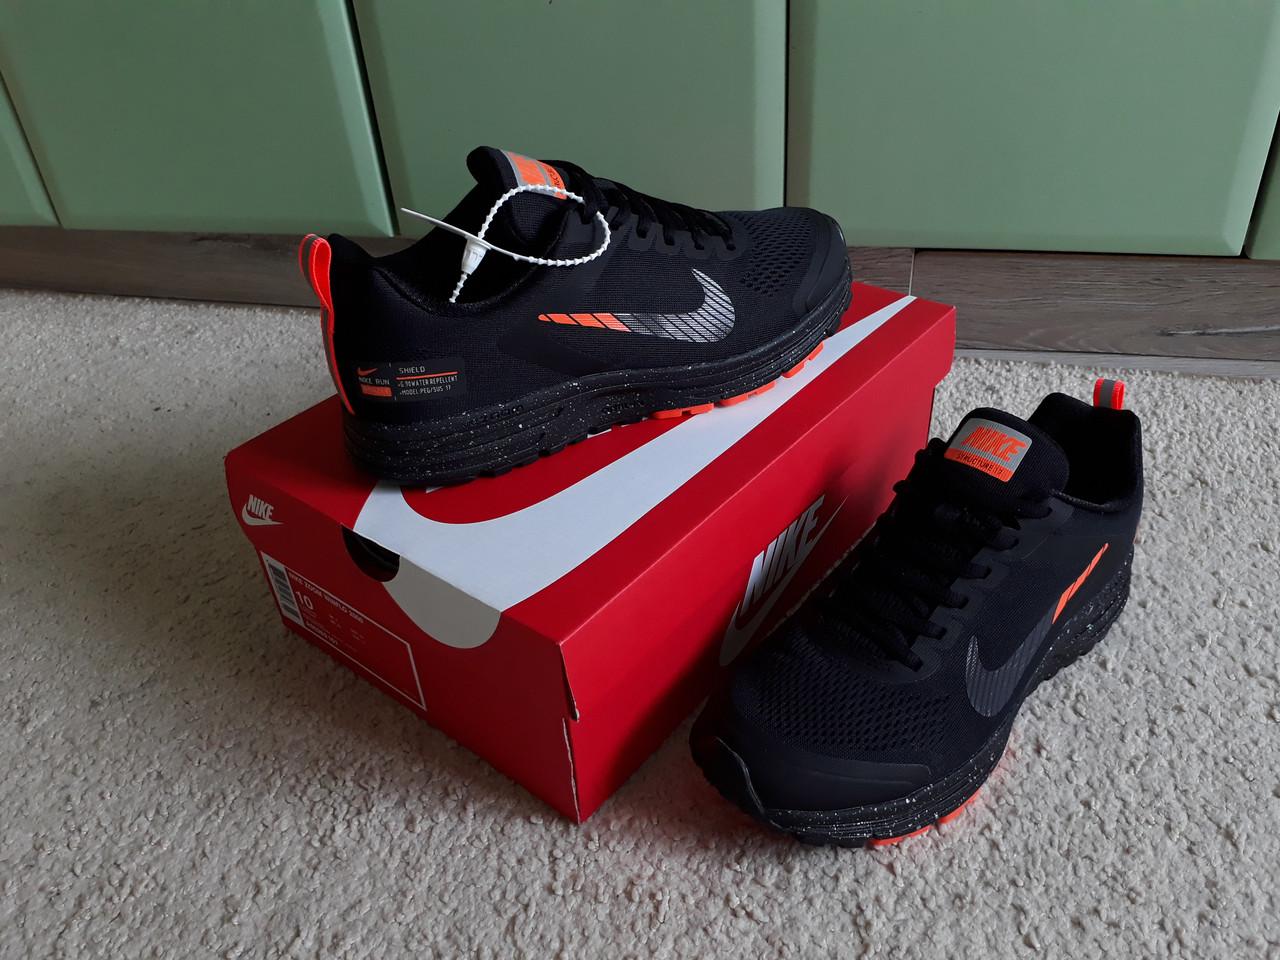 f5b25715 Мужские кроссовки Nike Air Zoom Pegasus 17 Shield Black/Orange черные с  оранжевым эксклюзив 2019